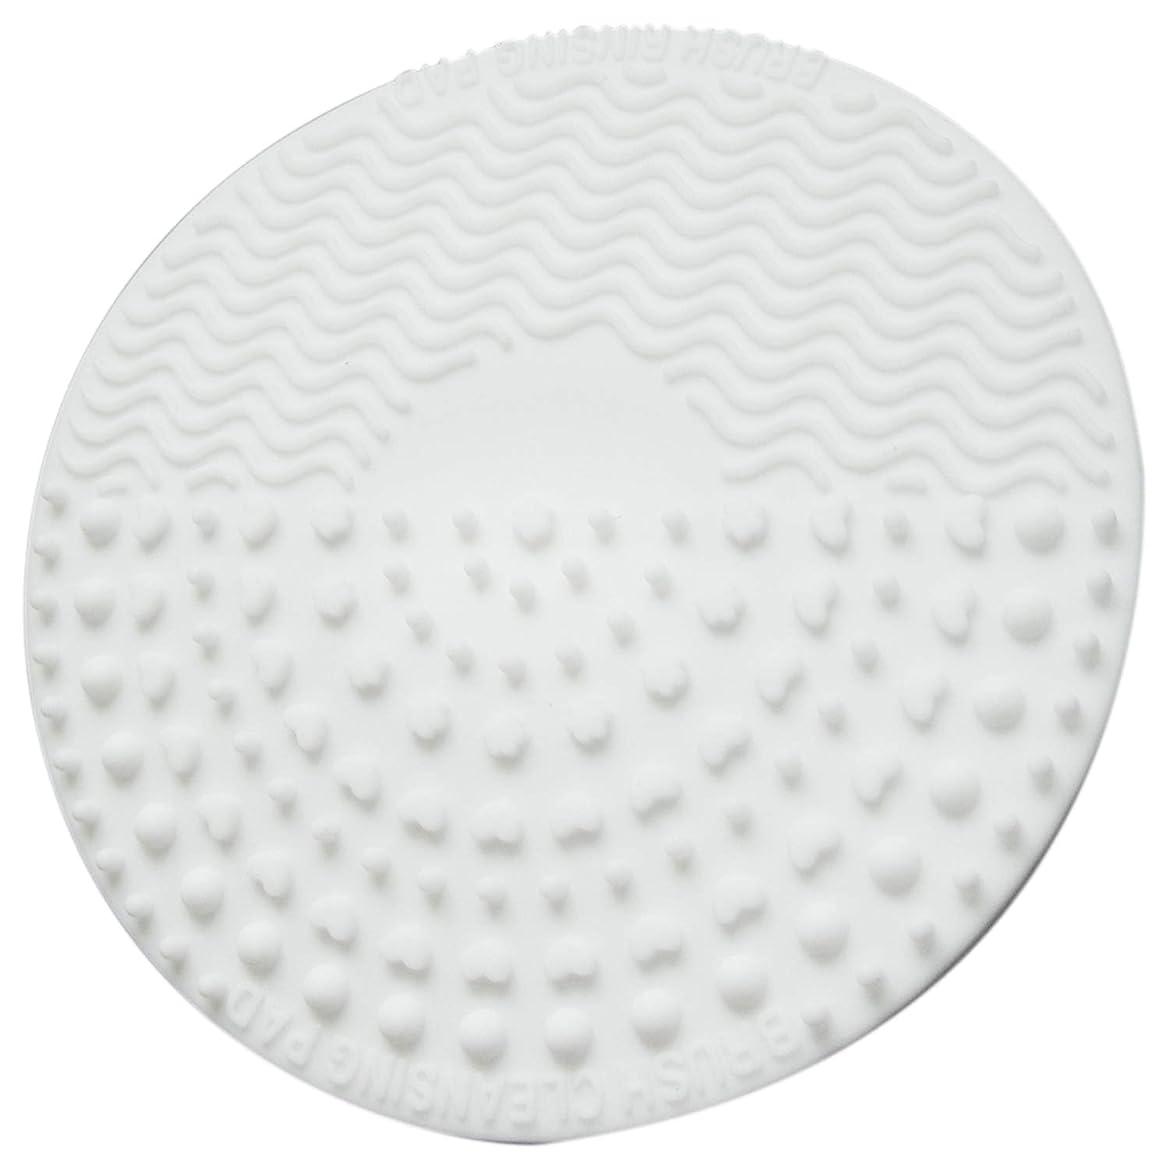 アナニバー深く納得させるTOOGOO シリコーン化粧ブラシ クレンジングパッド パレット ブラシ クリーナークリーニングマット 洗濯スクラバーパッド 化粧品メイクアップクリーナーツール ホワイト